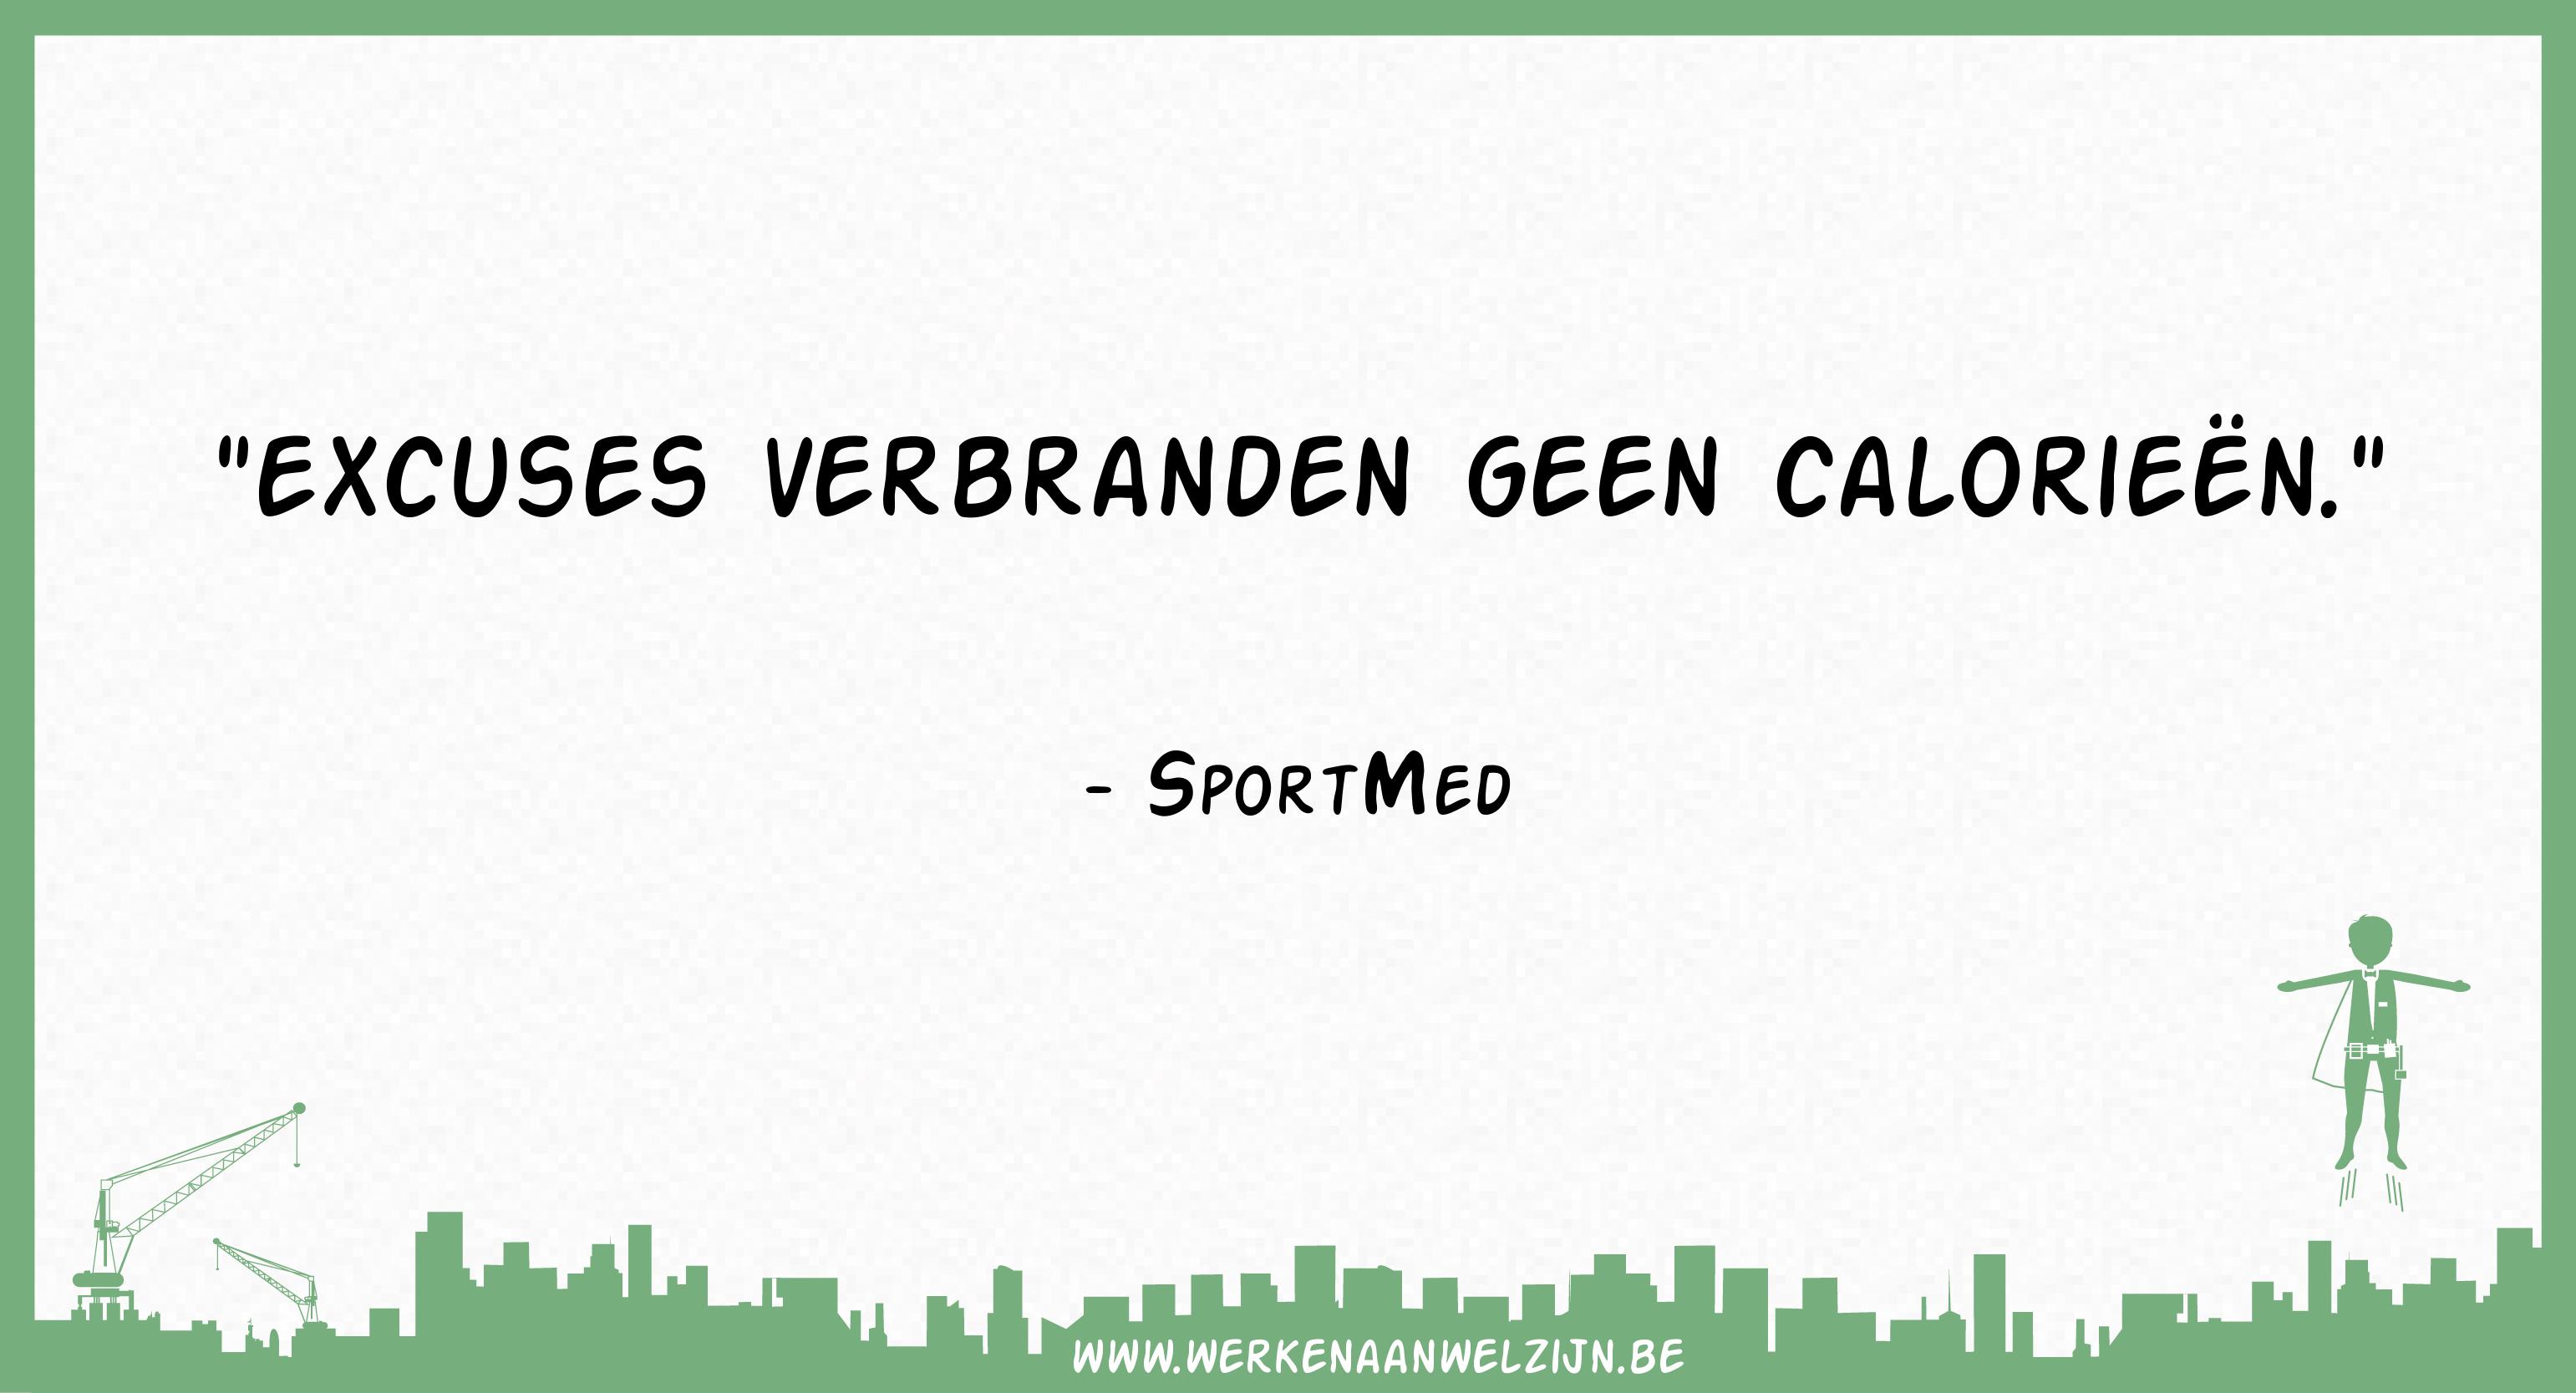 Excuses verbranden geen calorieën (SportMed)